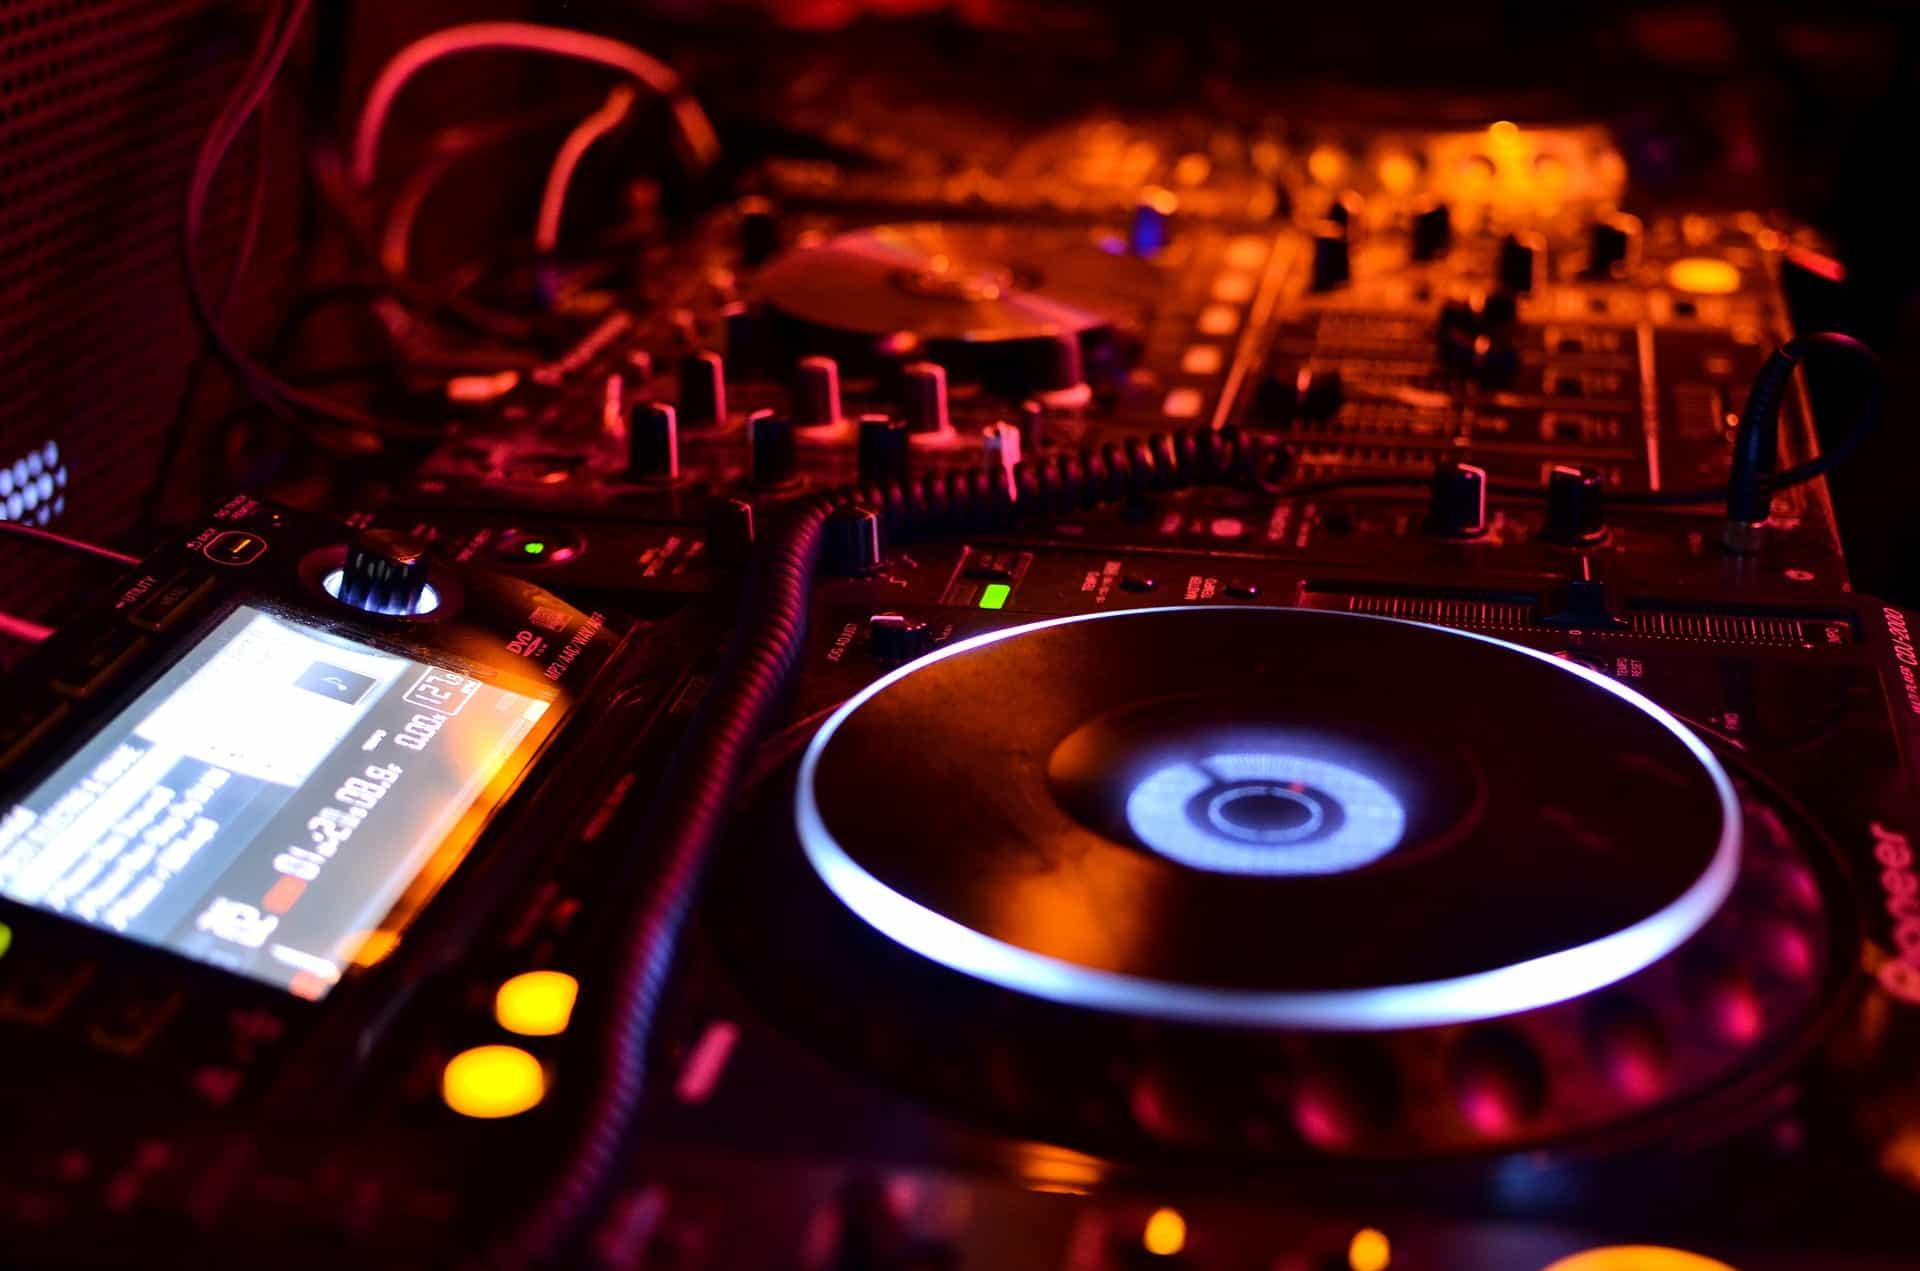 DJ Equipment Mixign